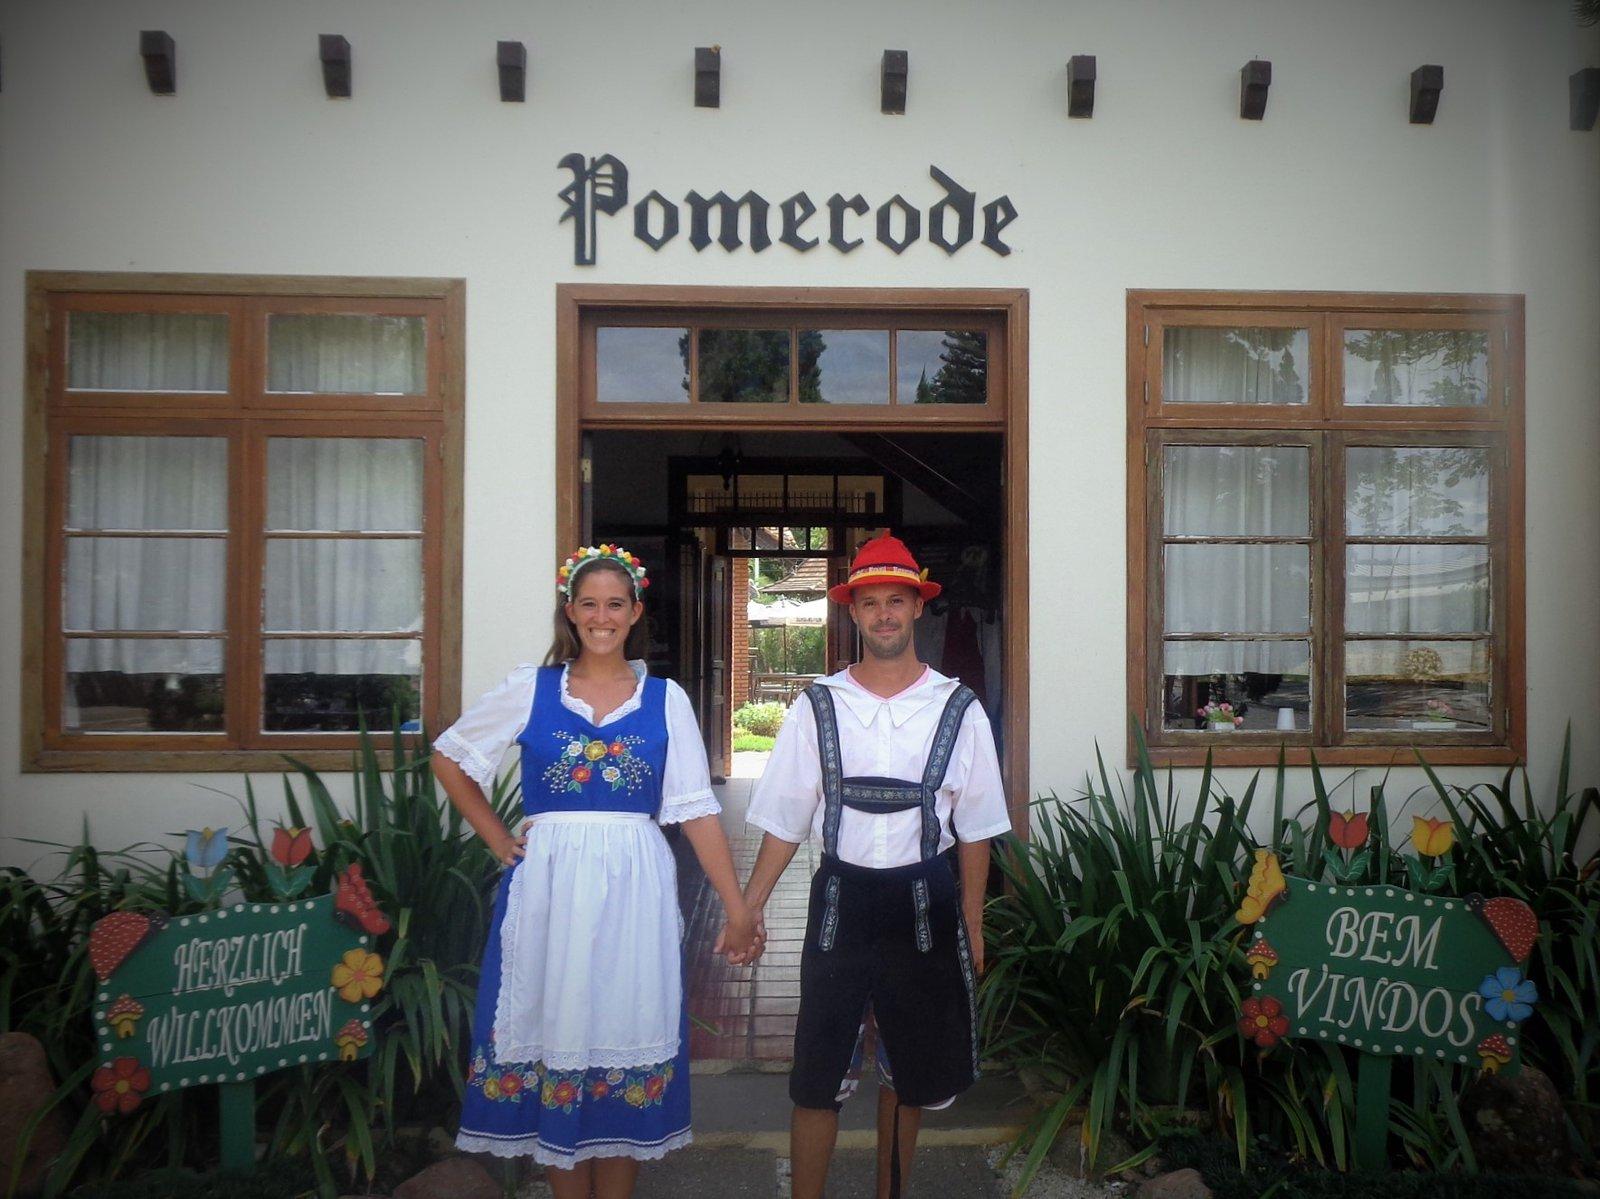 Flor Zaccagnino disfrazados de Alemanes en Pomerode, colonia en Brasil